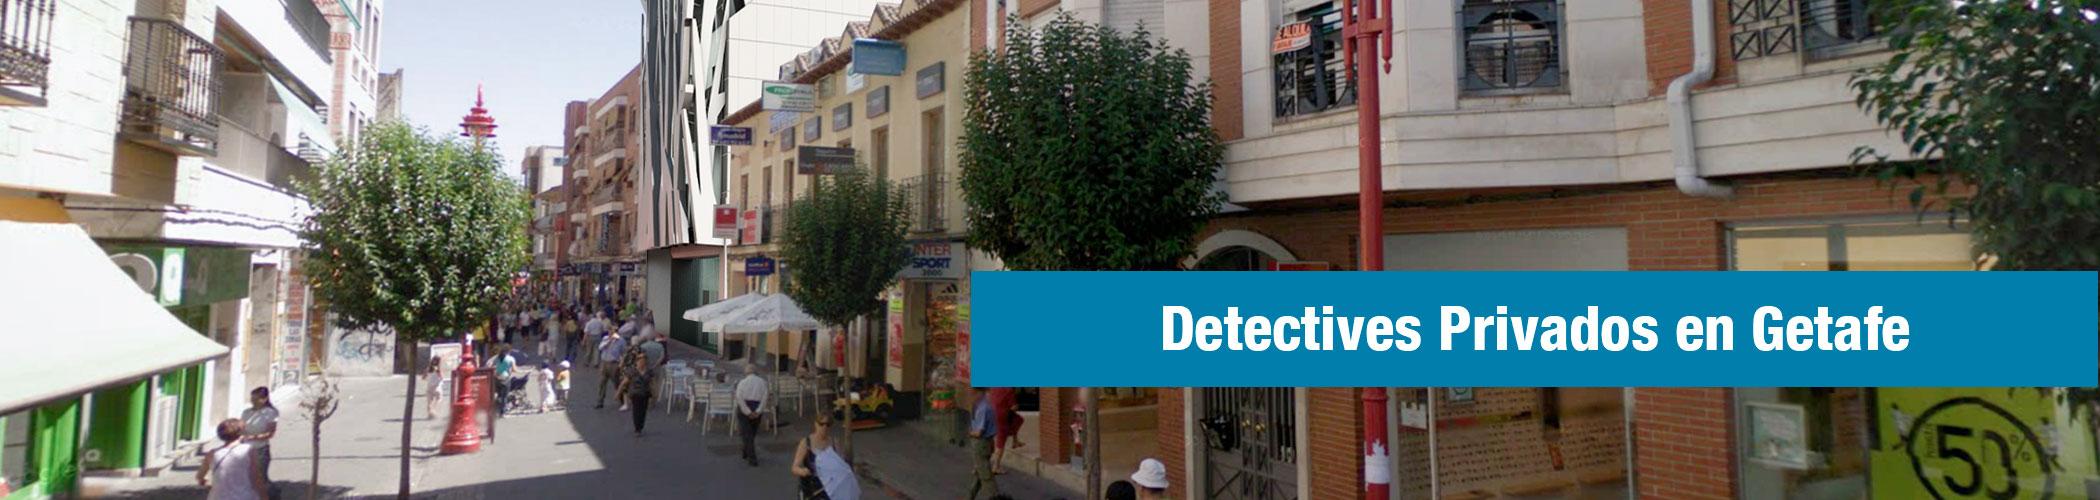 detectives privados en getafe